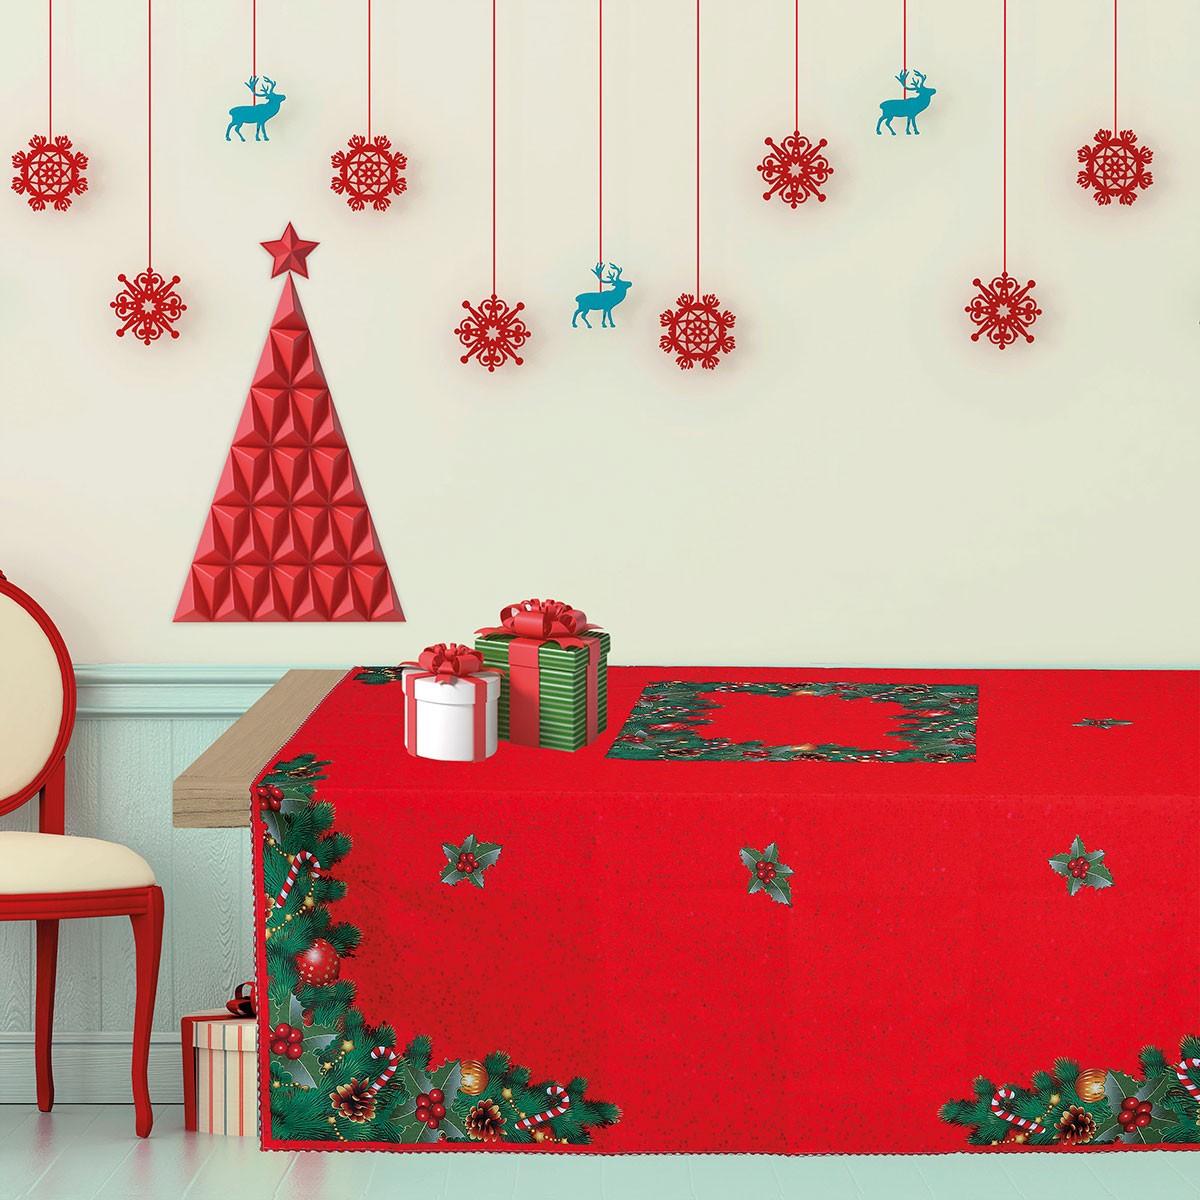 Χριστουγεννιάτικο Τραπεζομάντηλο (140x140) Das Home Kitchen 535